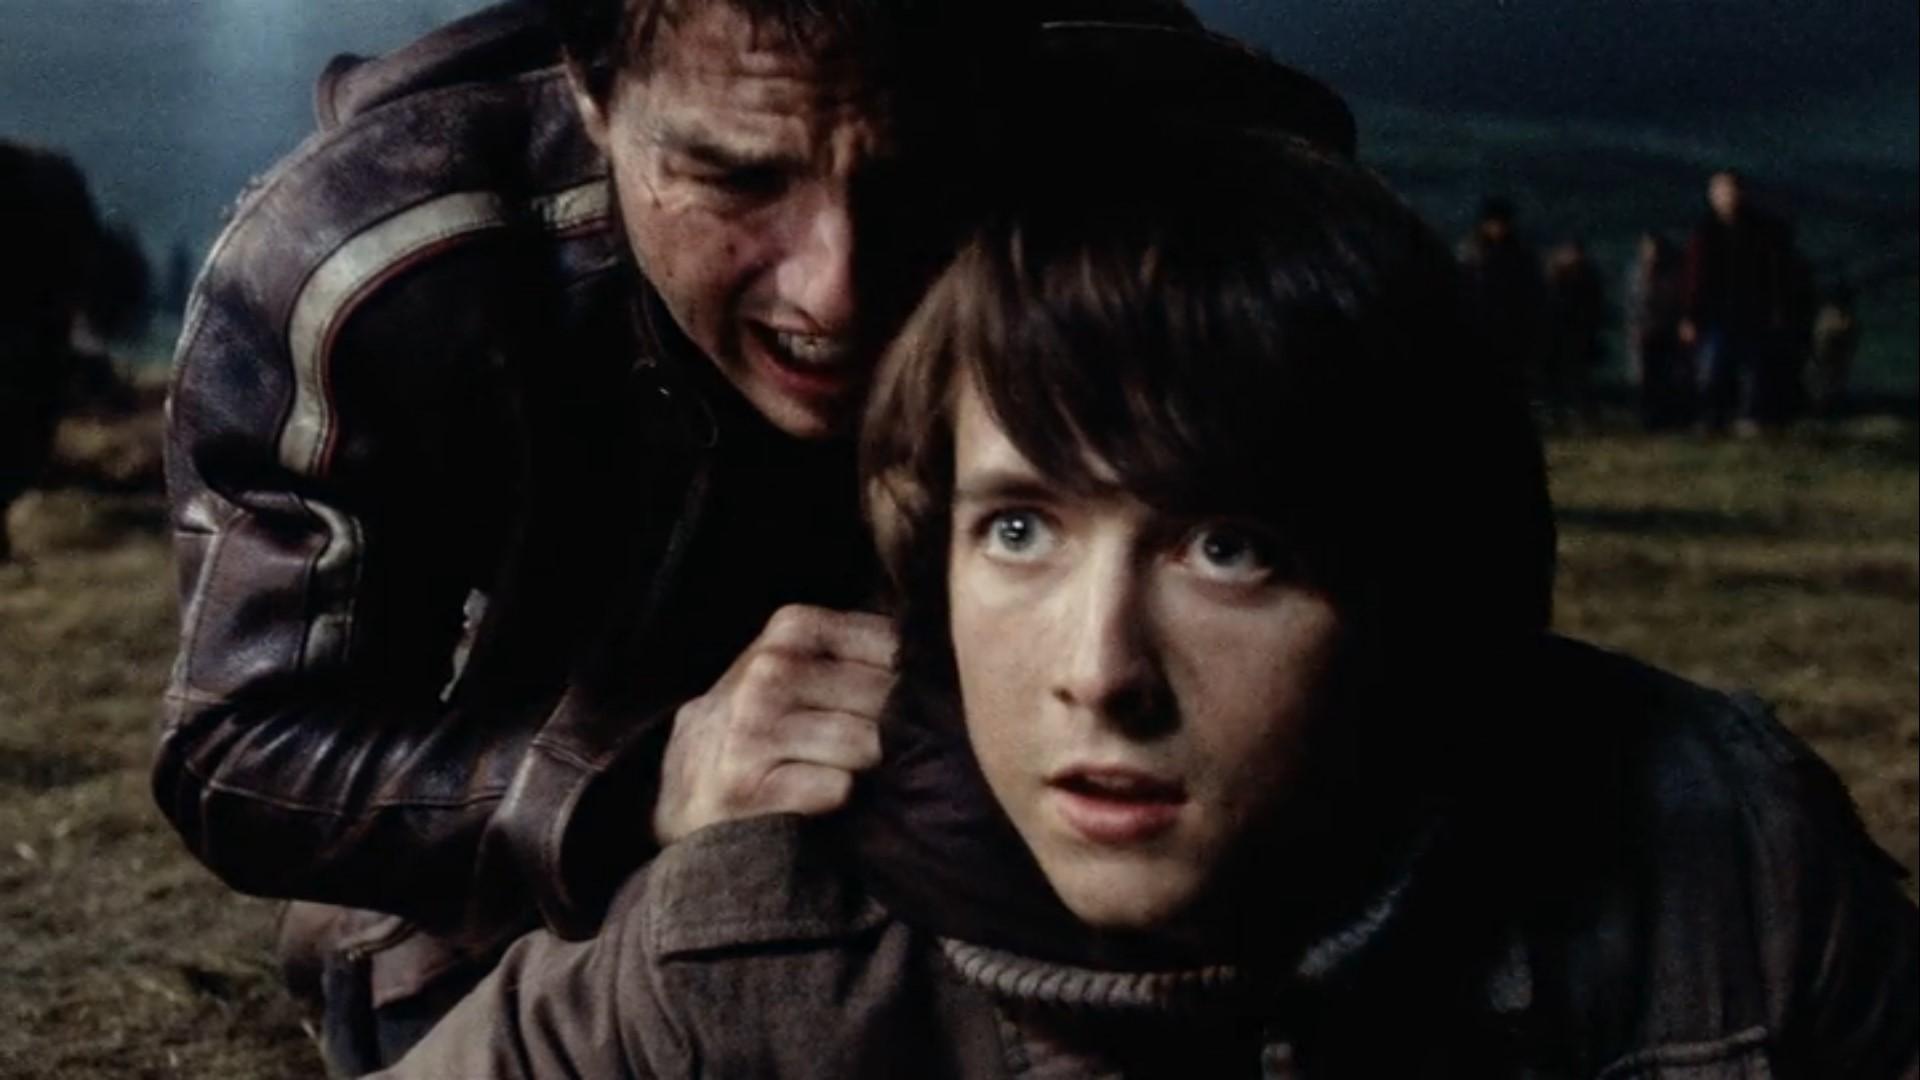 【感想】「宇宙戦争(2005)」の魅力6個。圧倒的な侵略者を前に、何ができるのか?